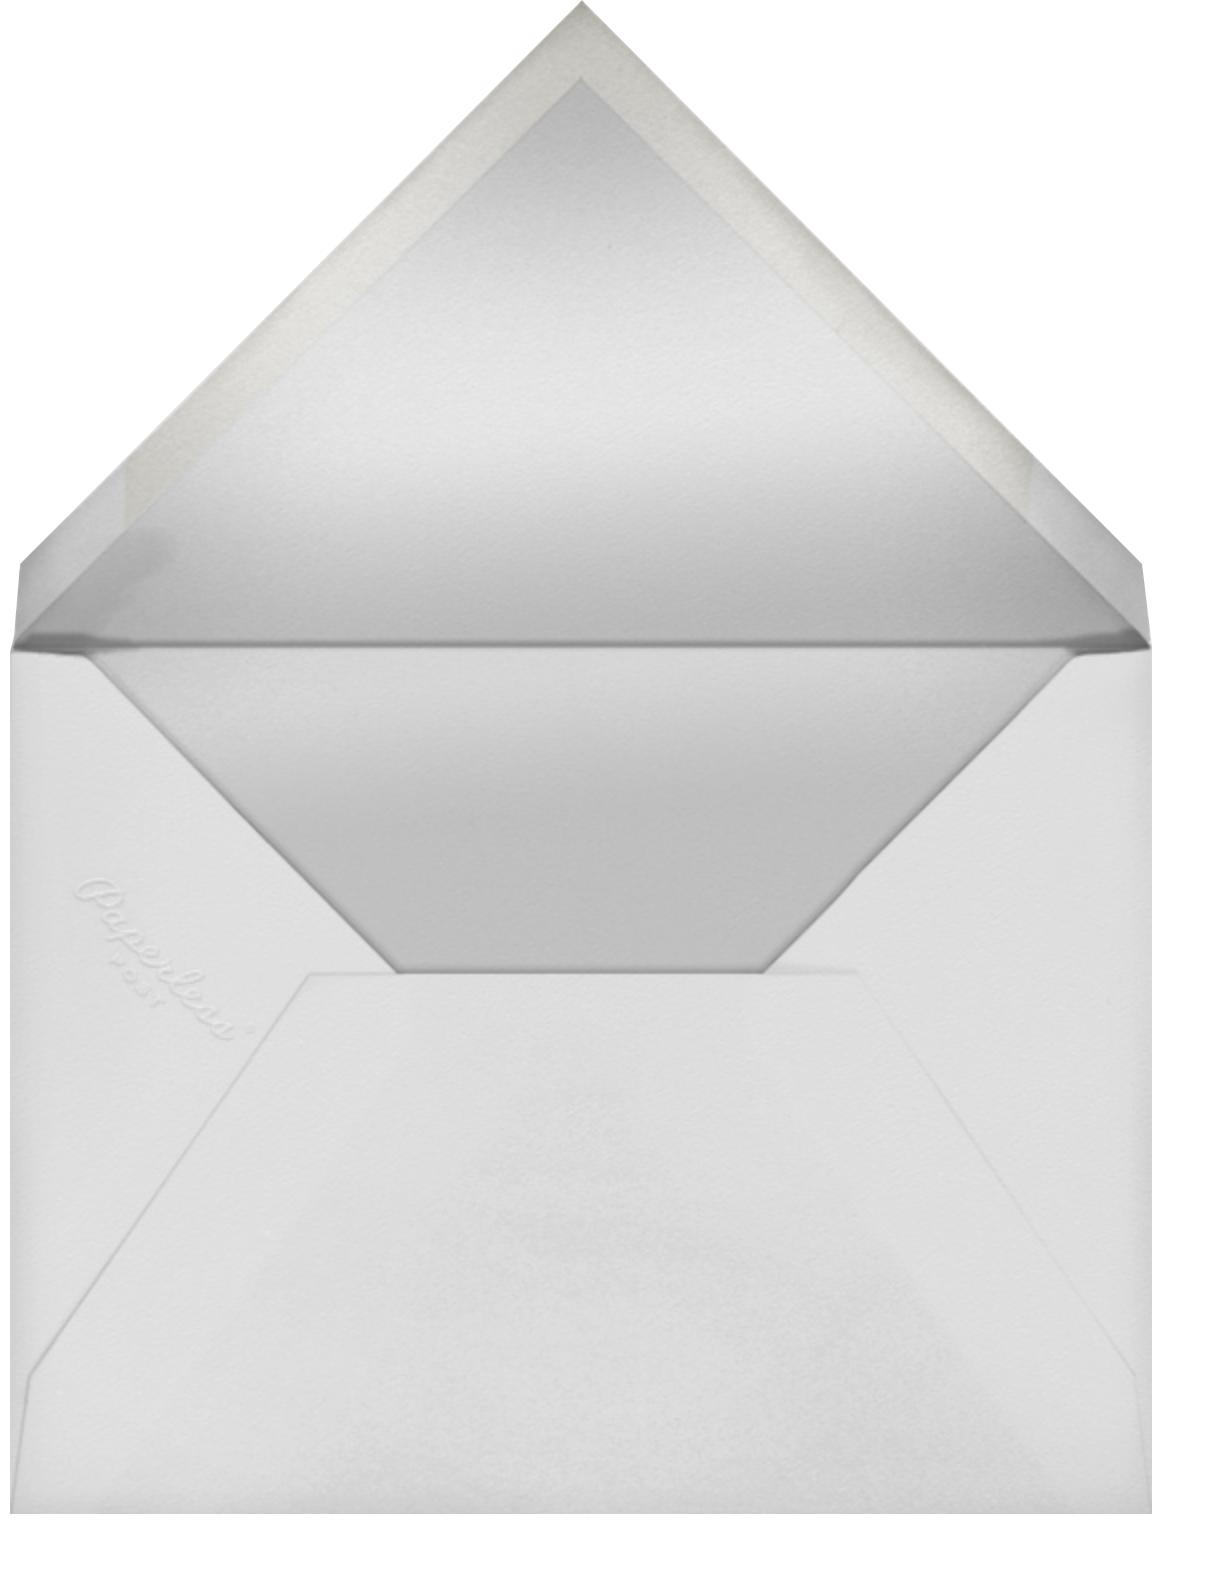 January Herbarium (Menu) - Rifle Paper Co. - Menus and programs - envelope back